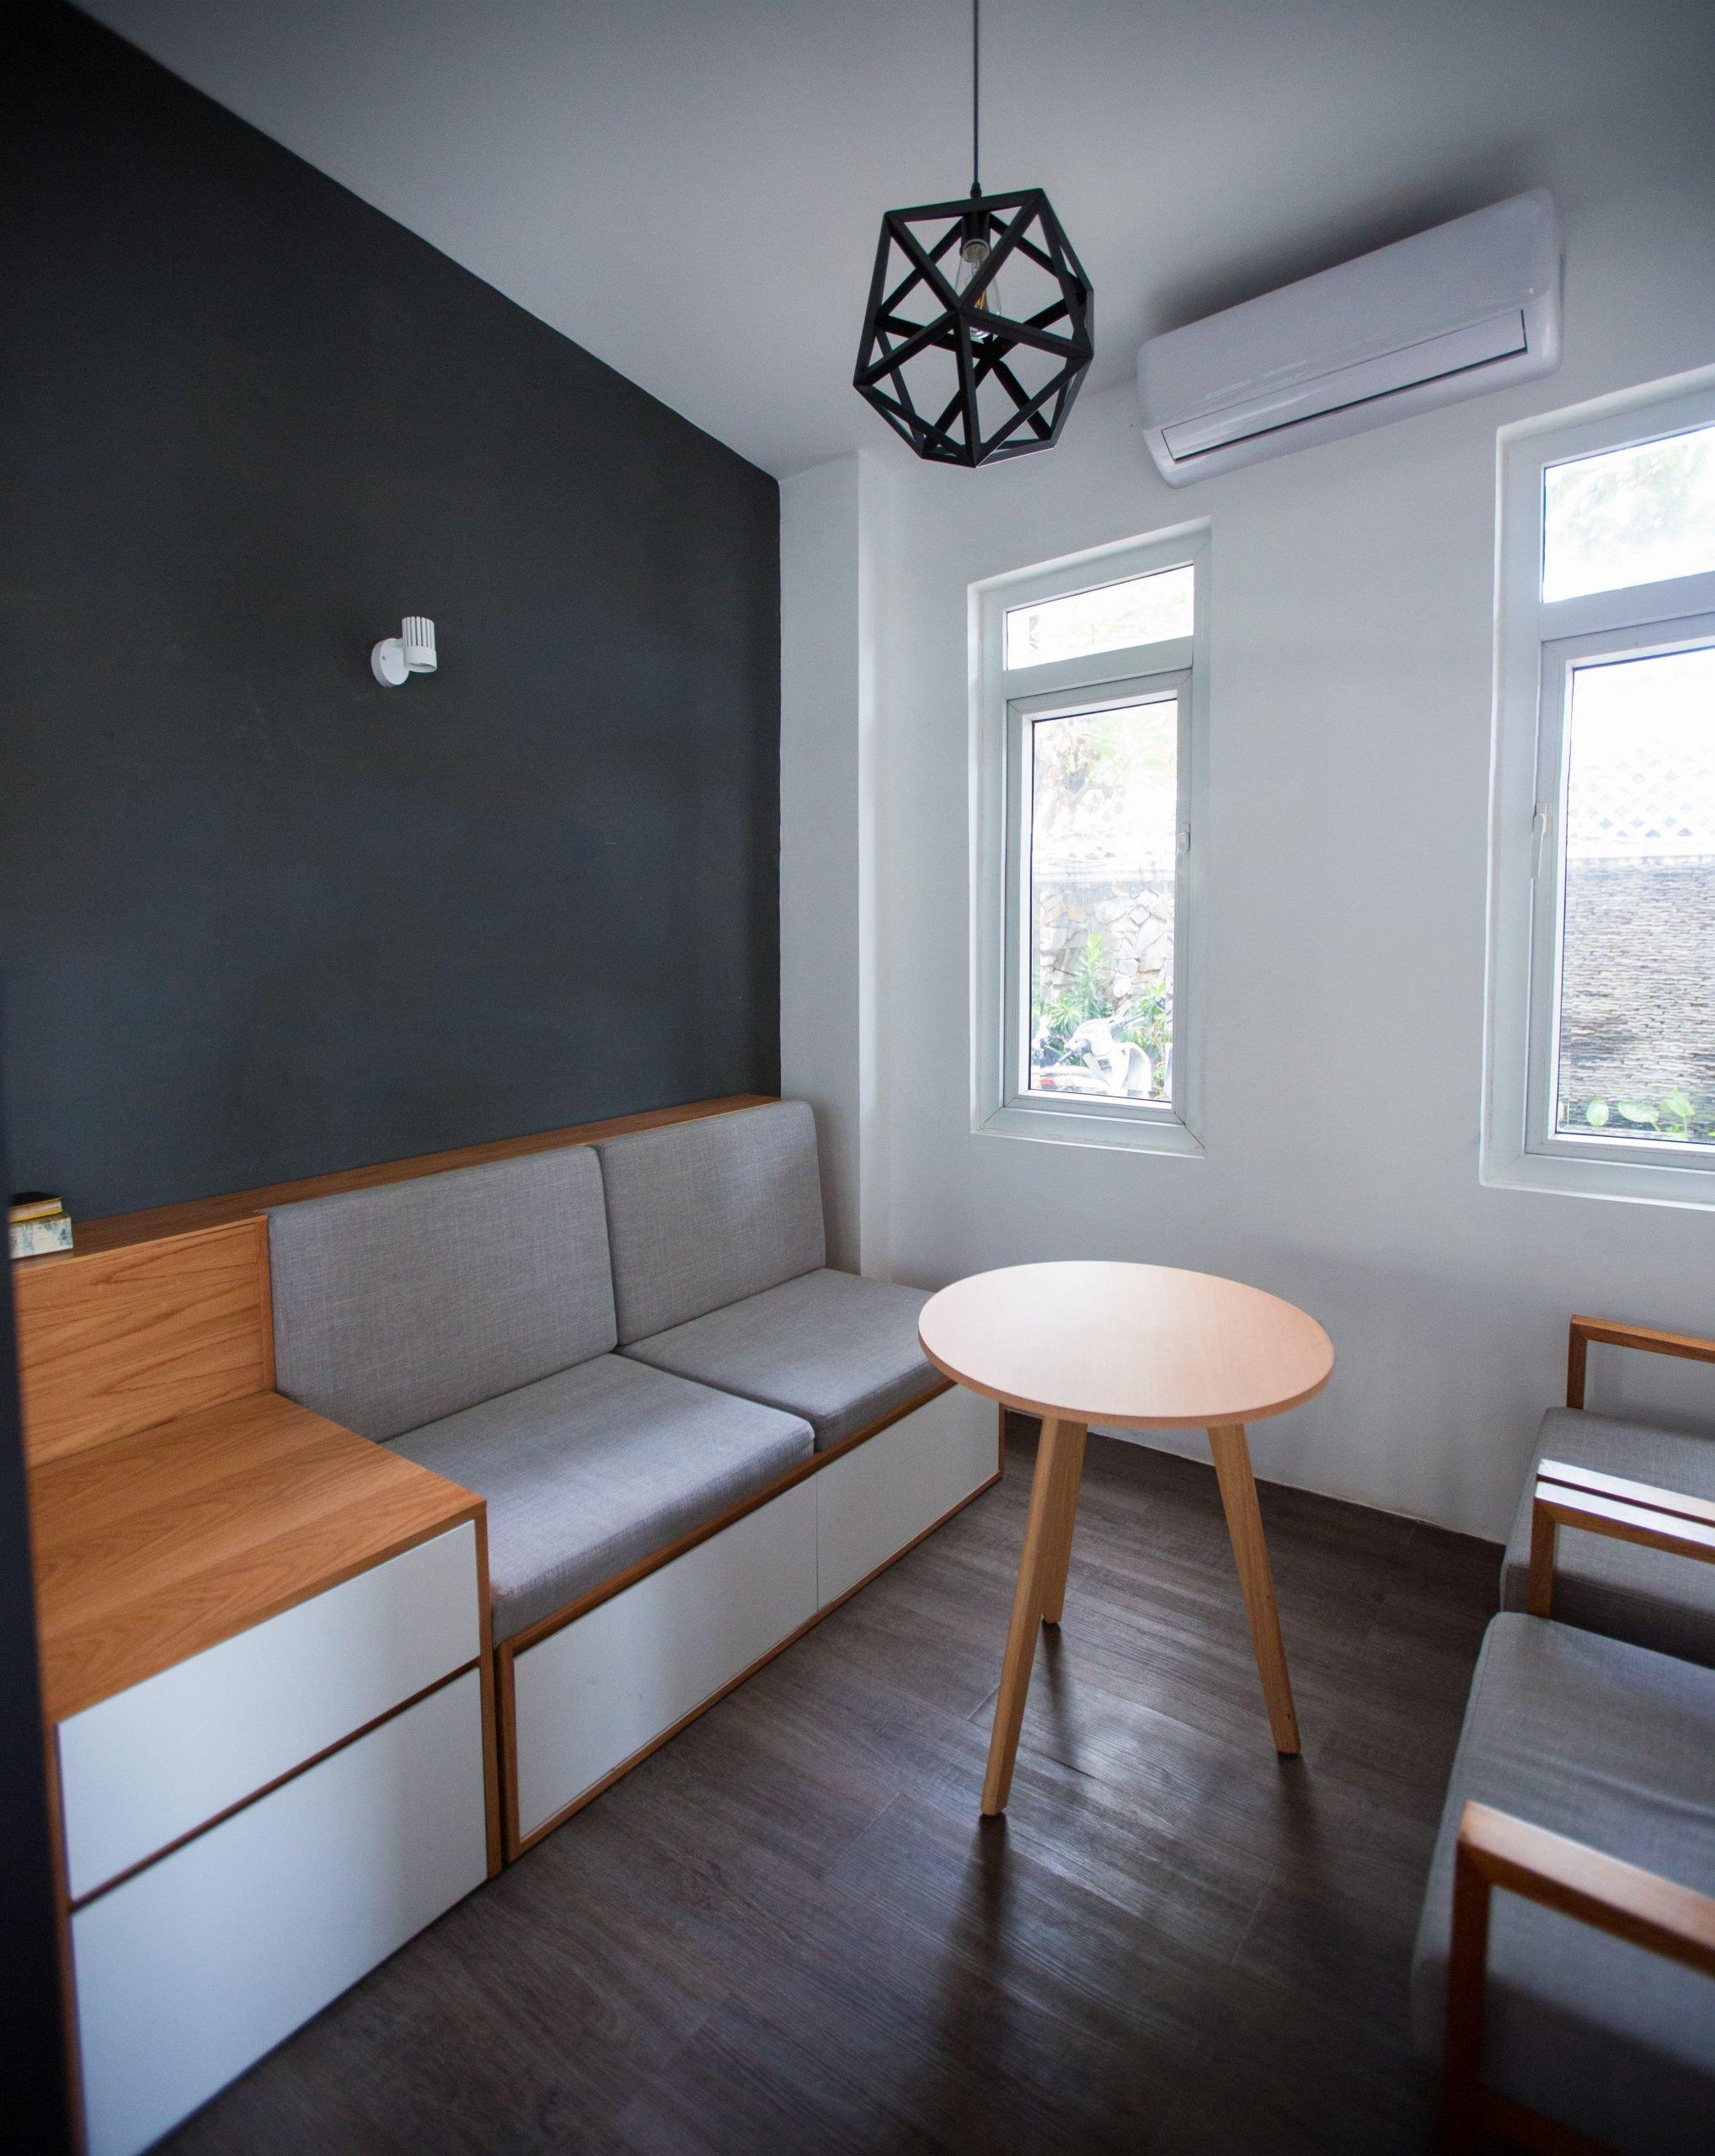 Sala comedor oficina en tonos grises